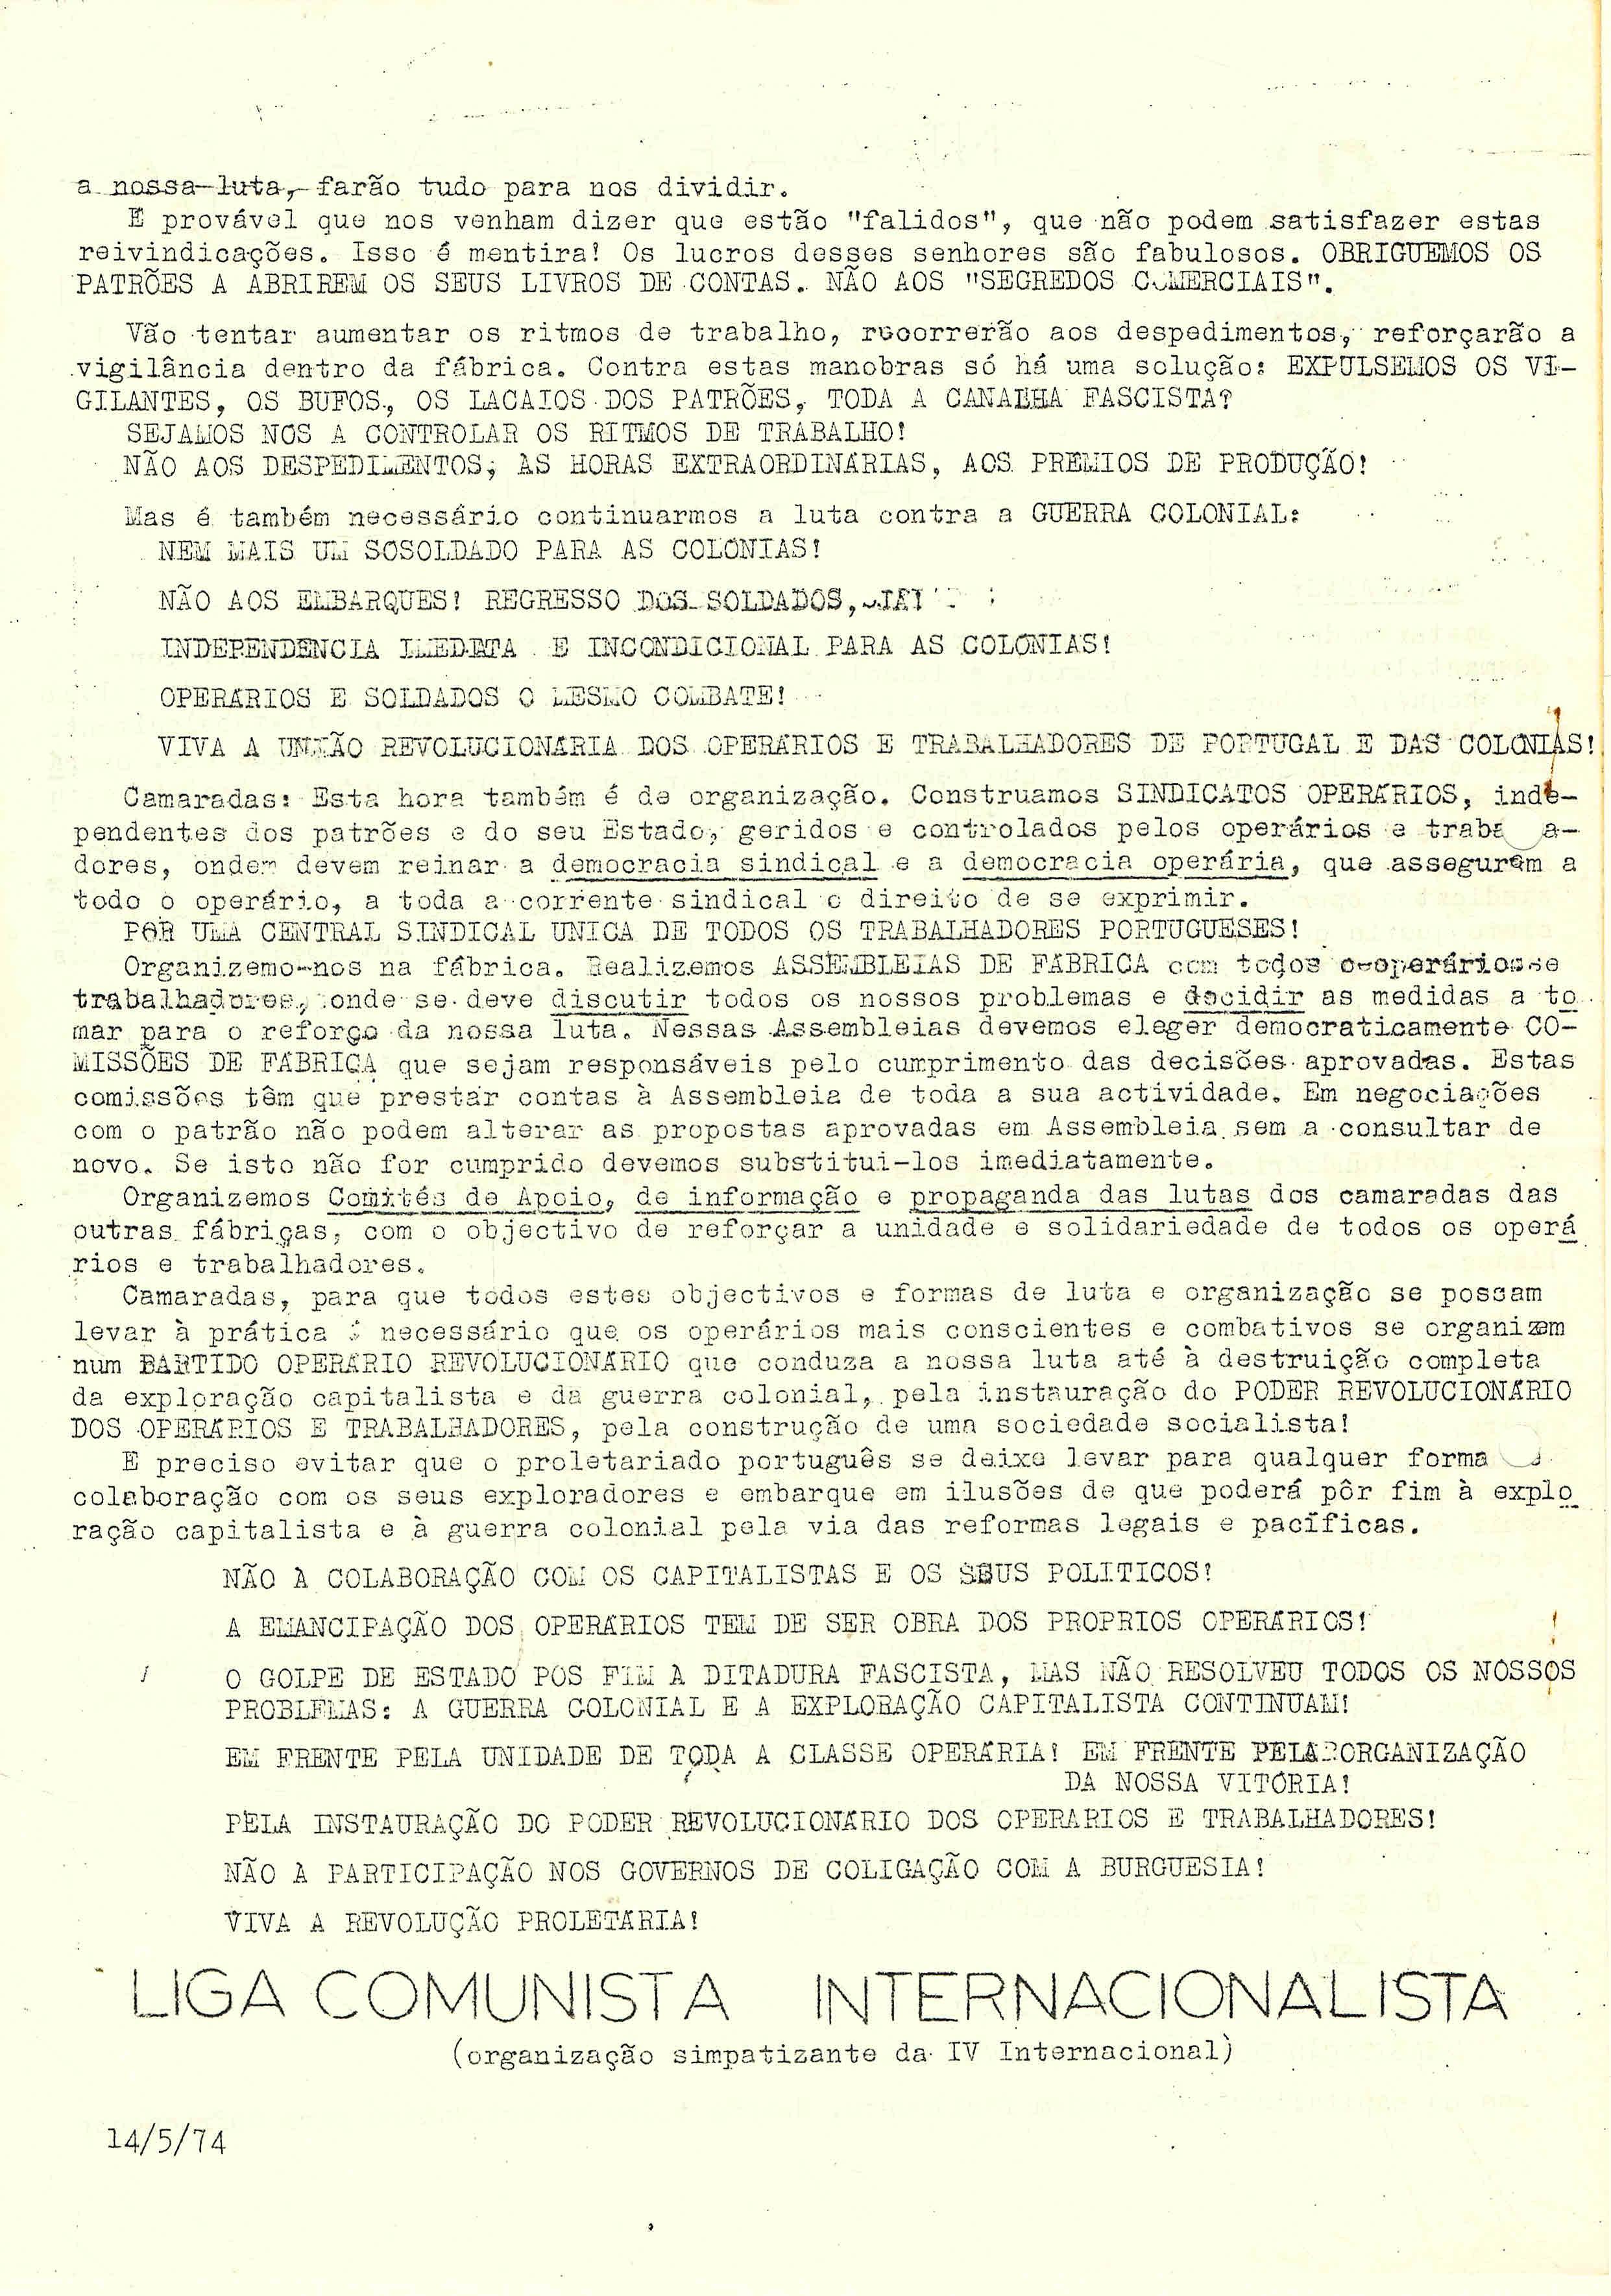 CONTRA A EXPLORACAO CAPITALISTA – LCI – 14-05-74 2